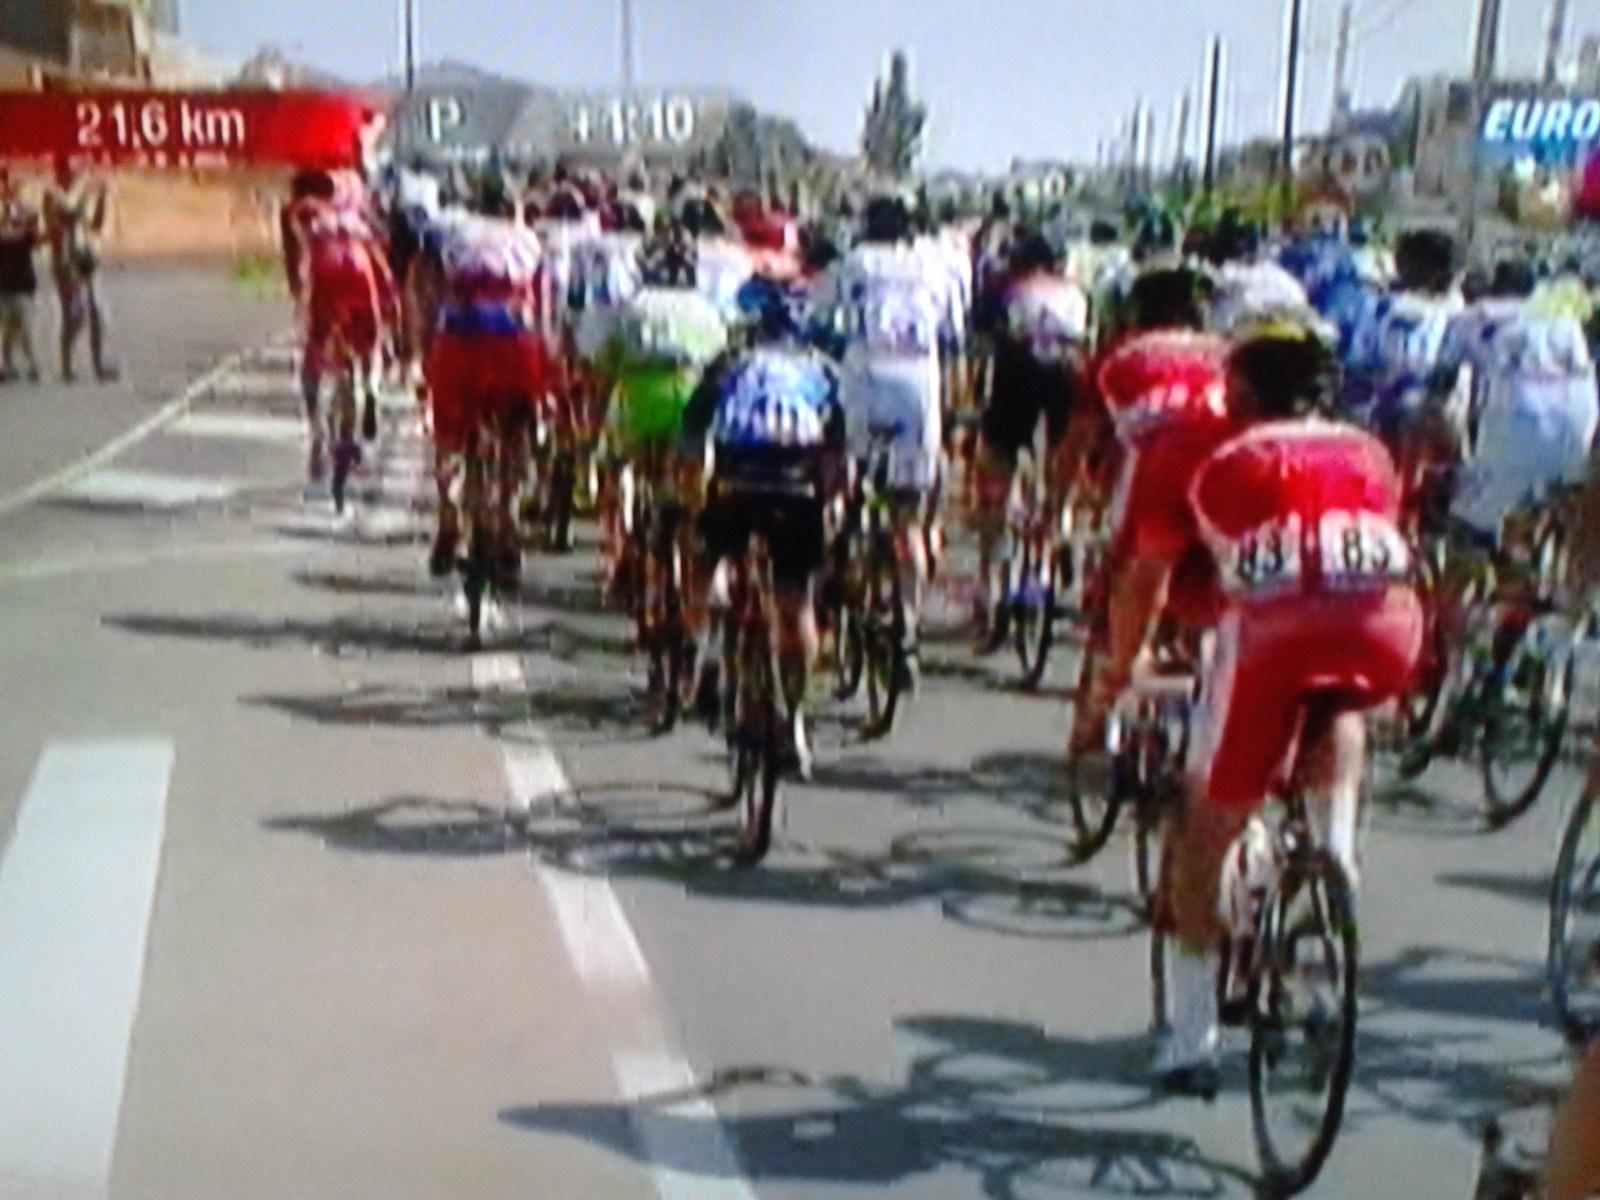 Peloton bei der Vuelta a Espana